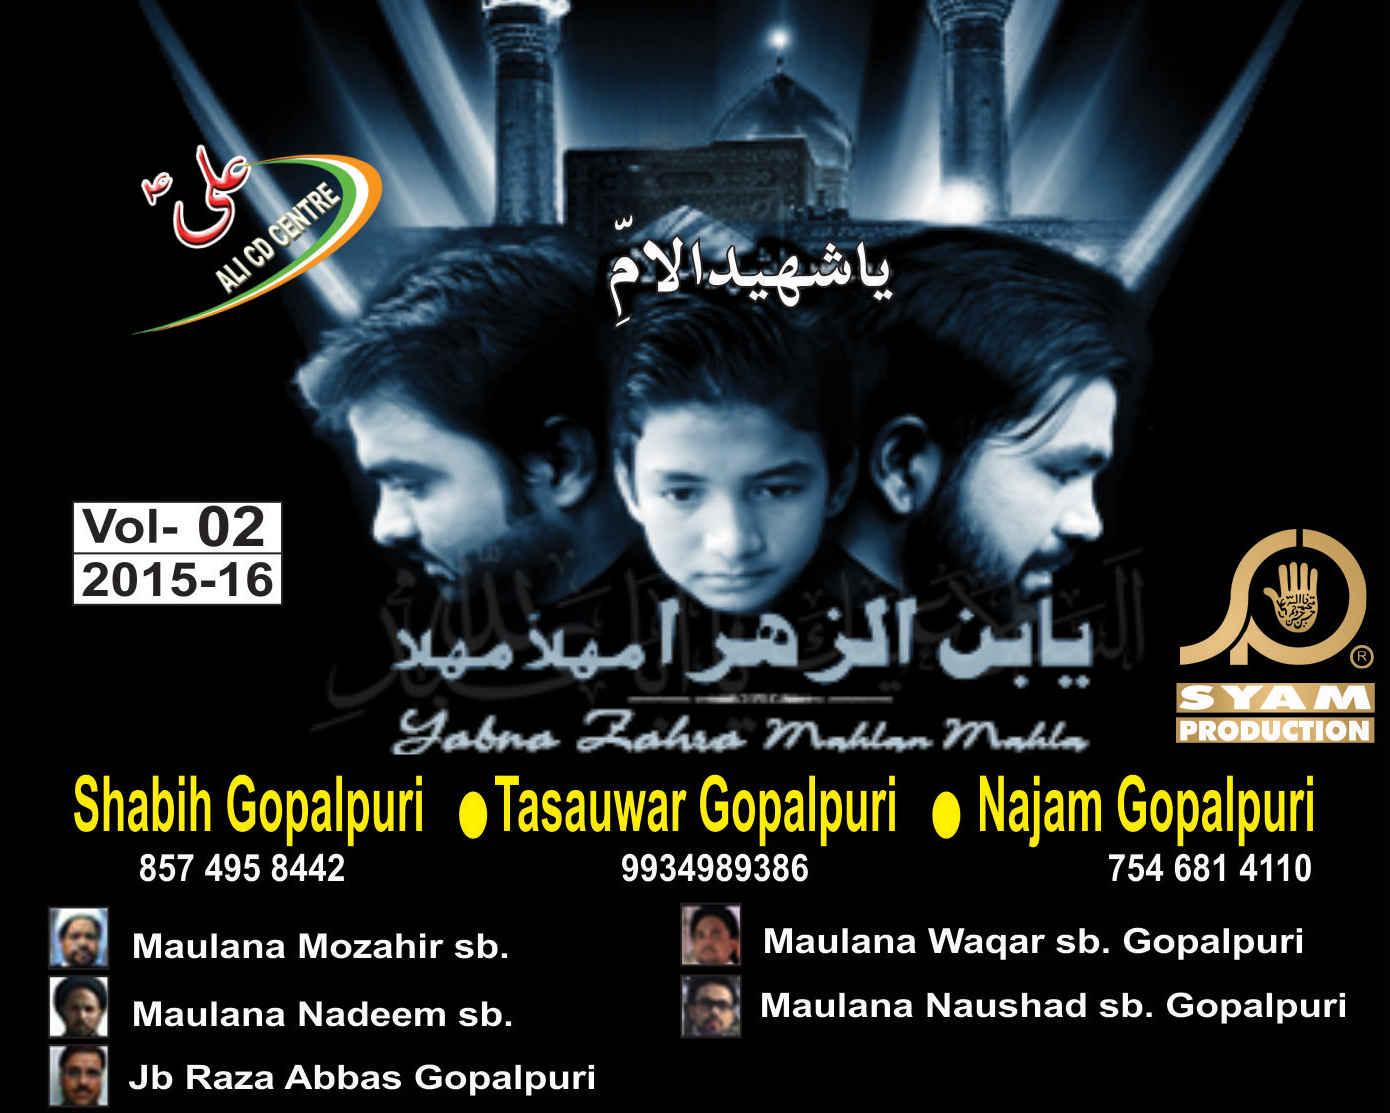 aye ali akbar hussain mp3 free download